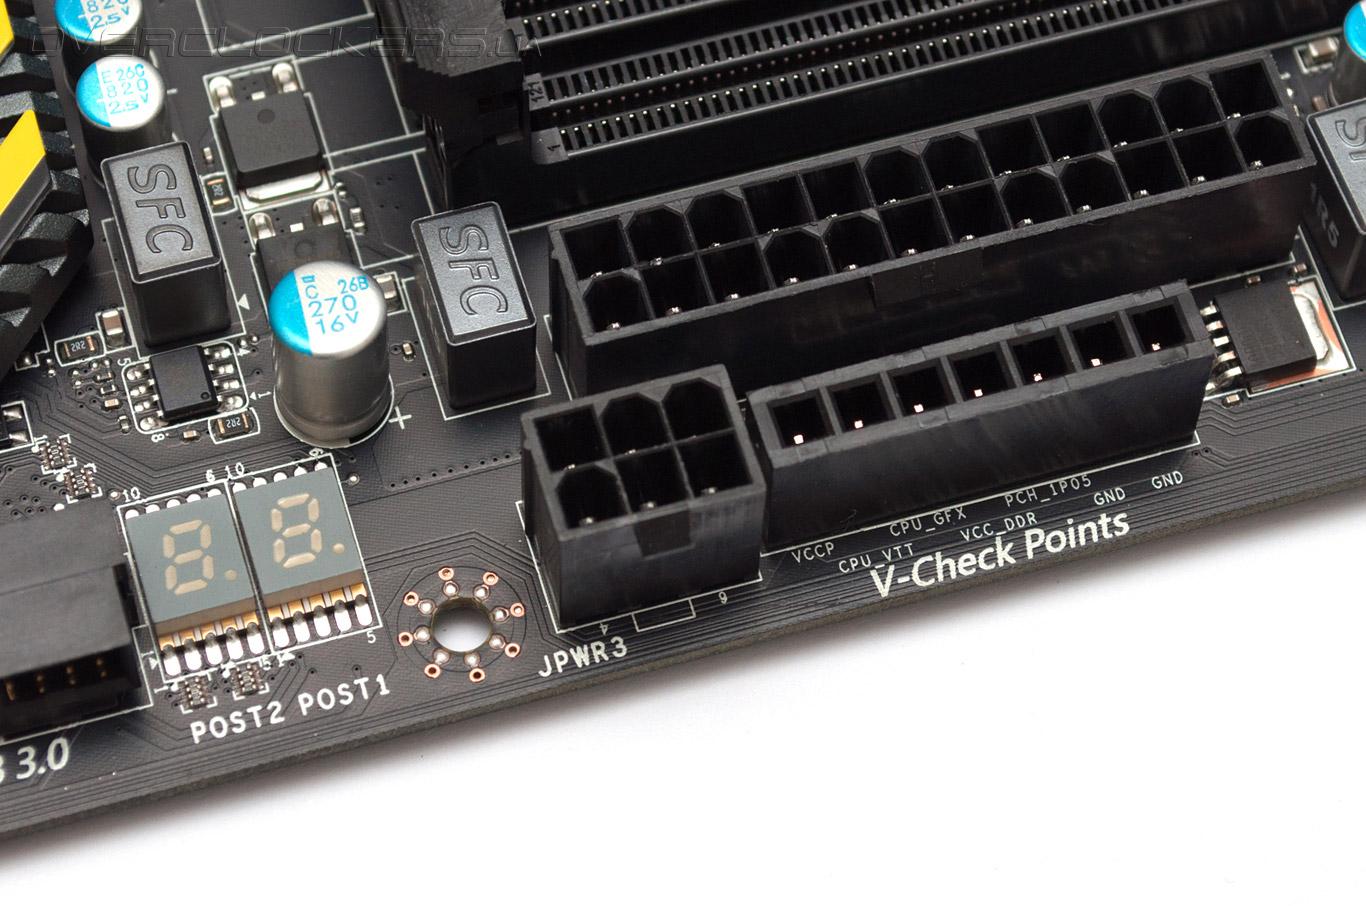 MSI Z77 MPOWER Renesas USB 3.0 Windows